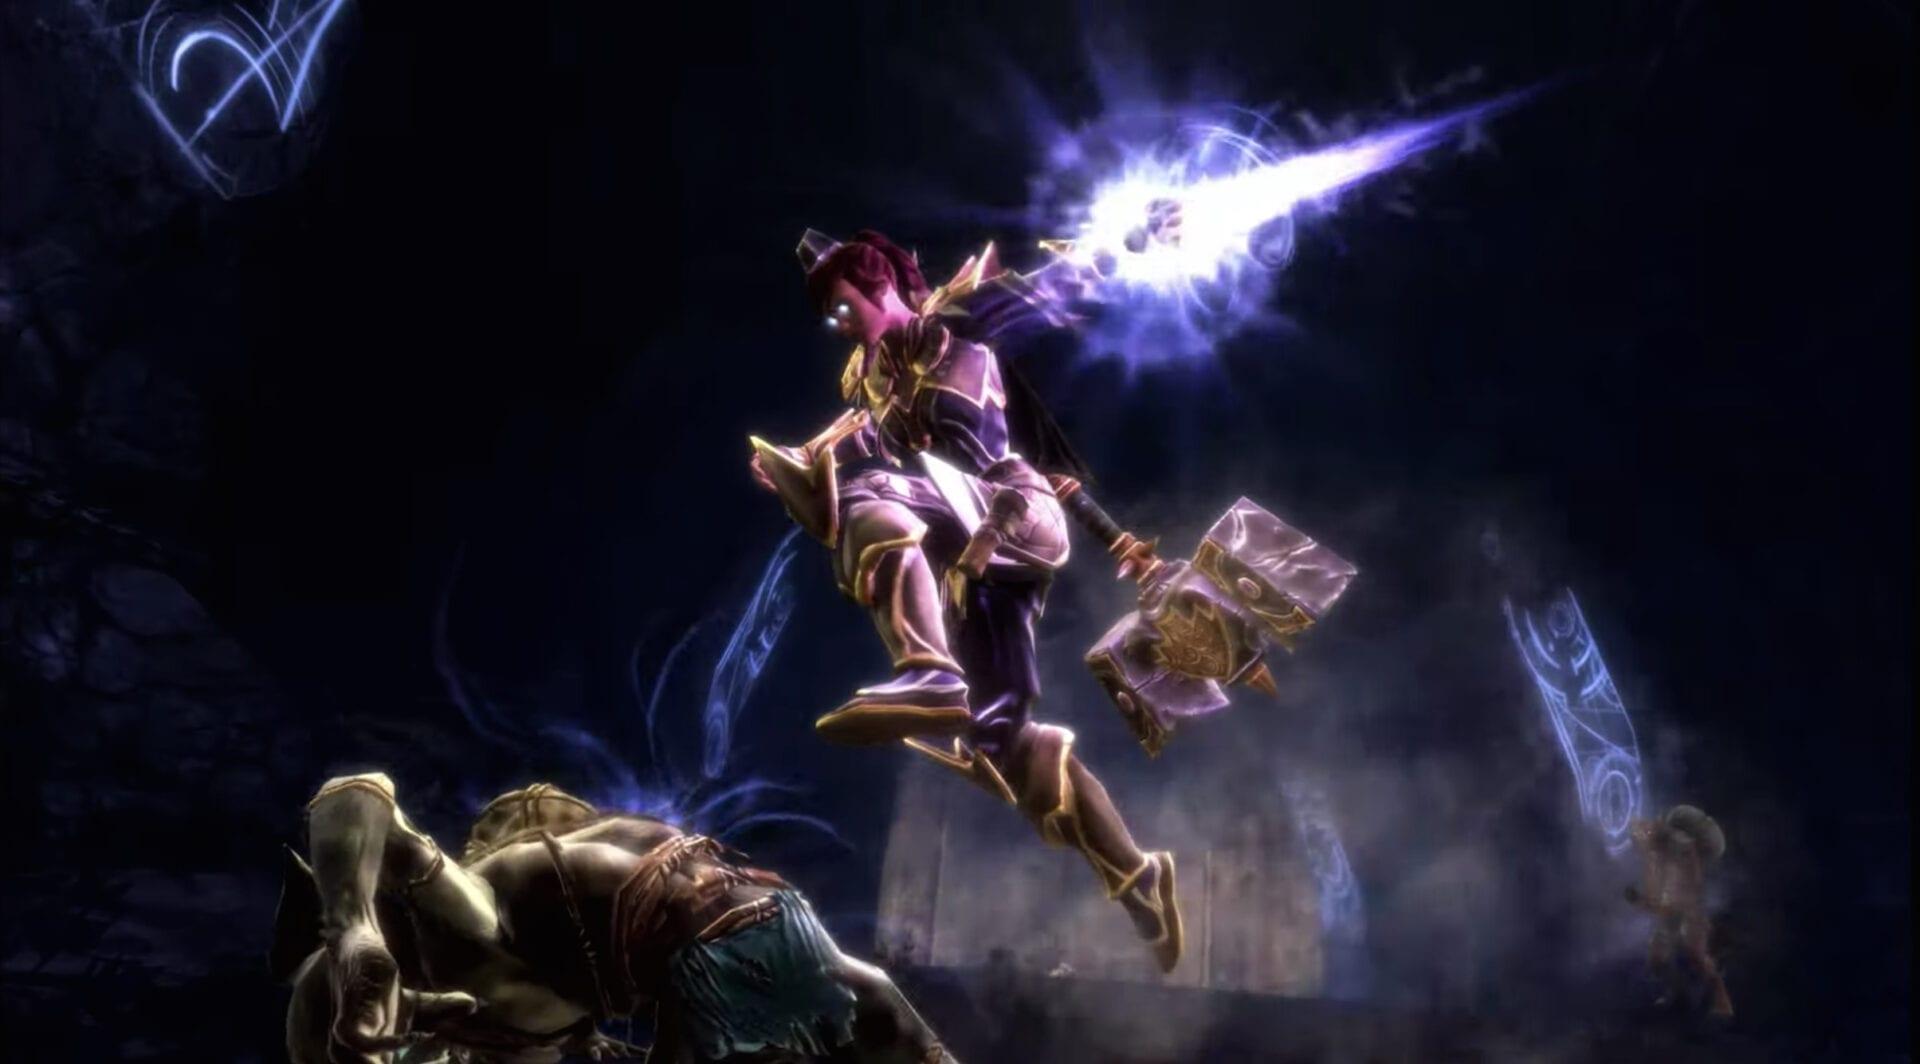 Kingdoms of amalur re-reckoning gameplay